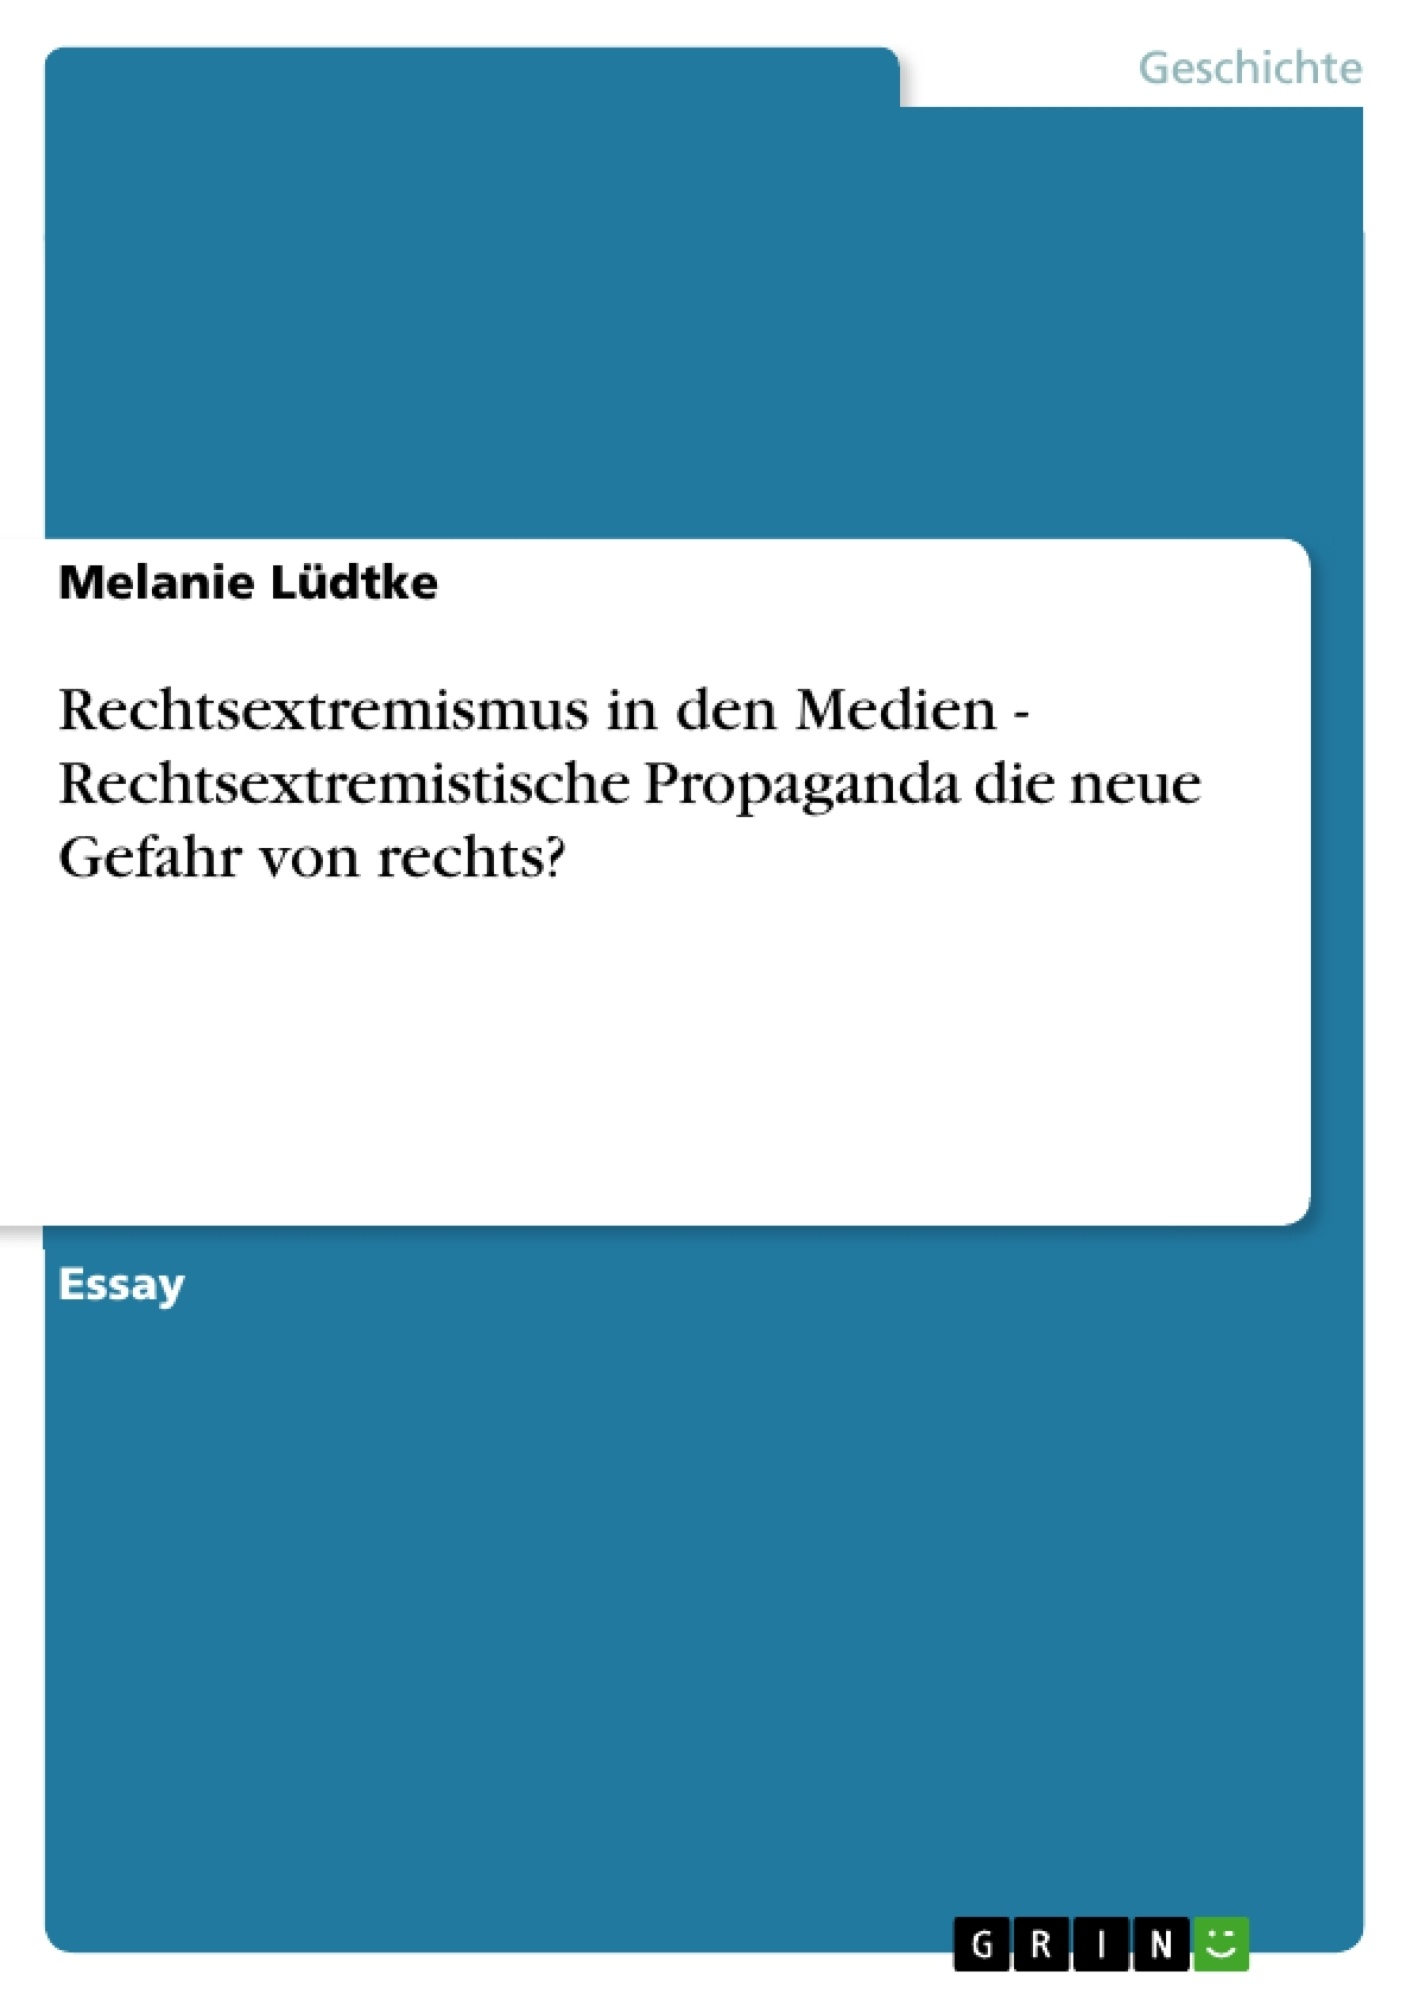 Titel: Rechtsextremismus in den Medien - Rechtsextremistische Propaganda die neue Gefahr von rechts?